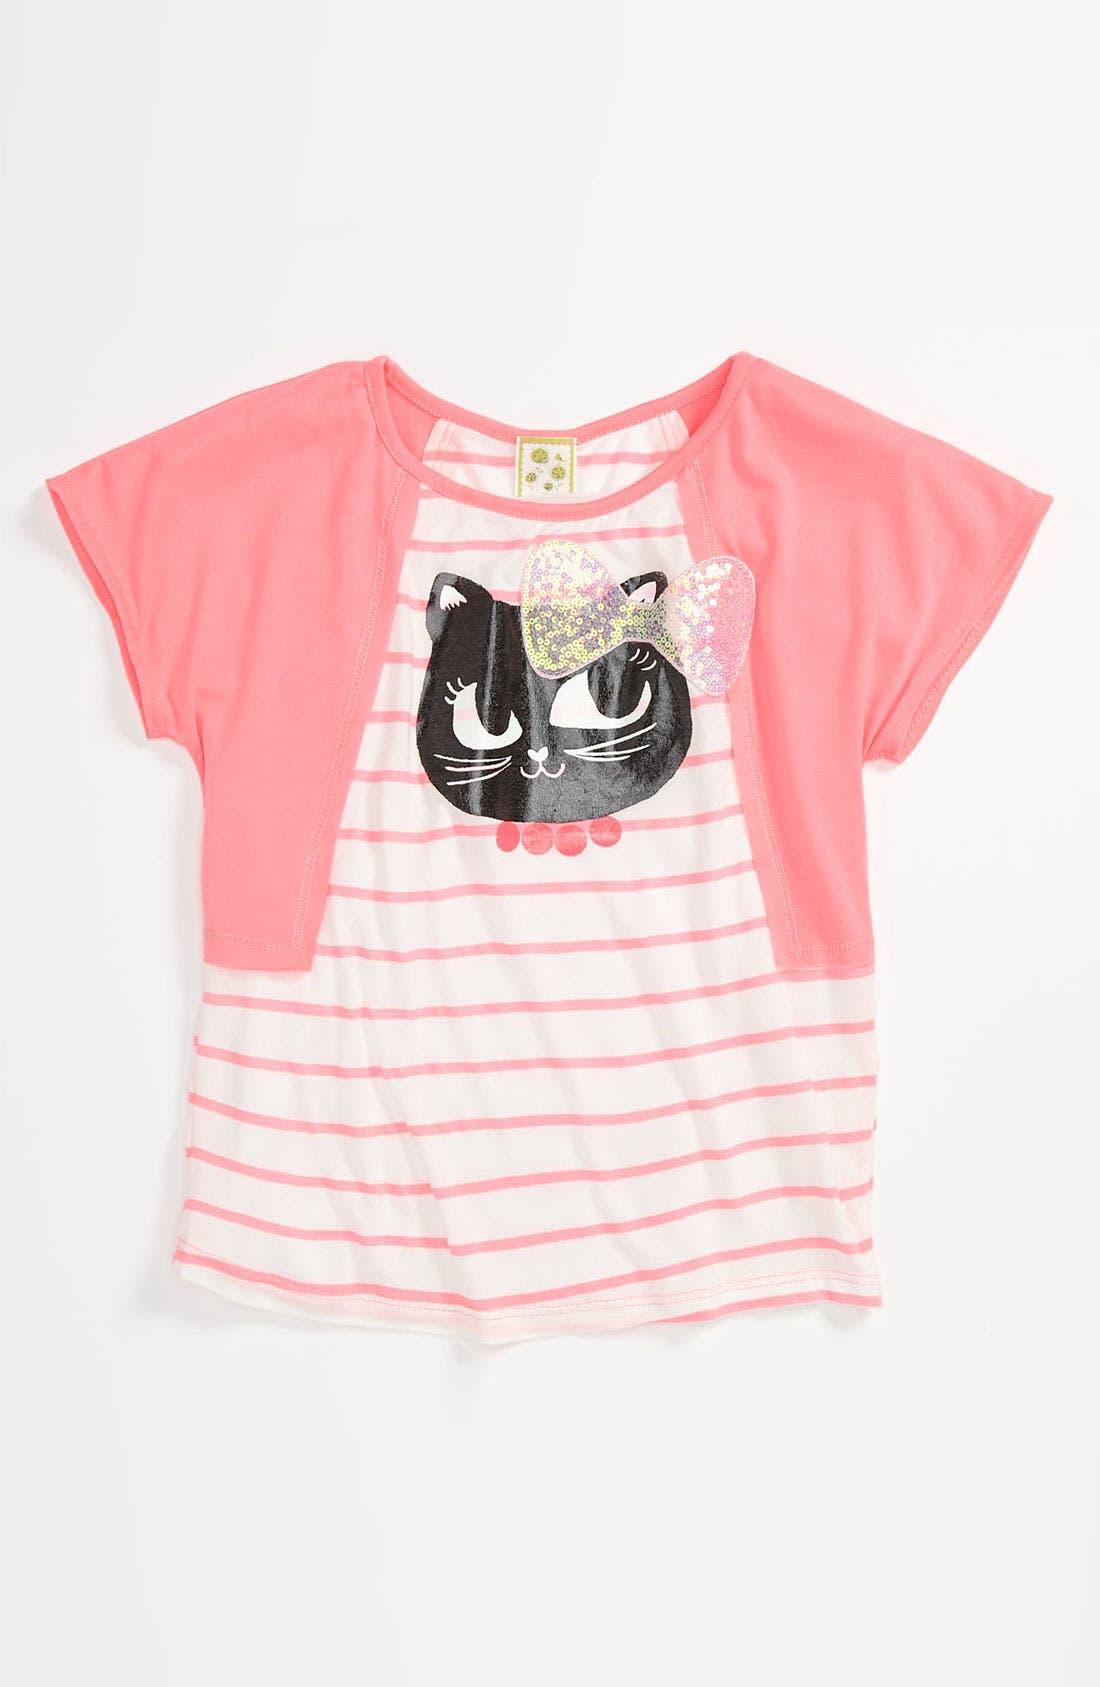 Alternate Image 1 Selected - Kiddo 'Cat' Tee (Little Girls)